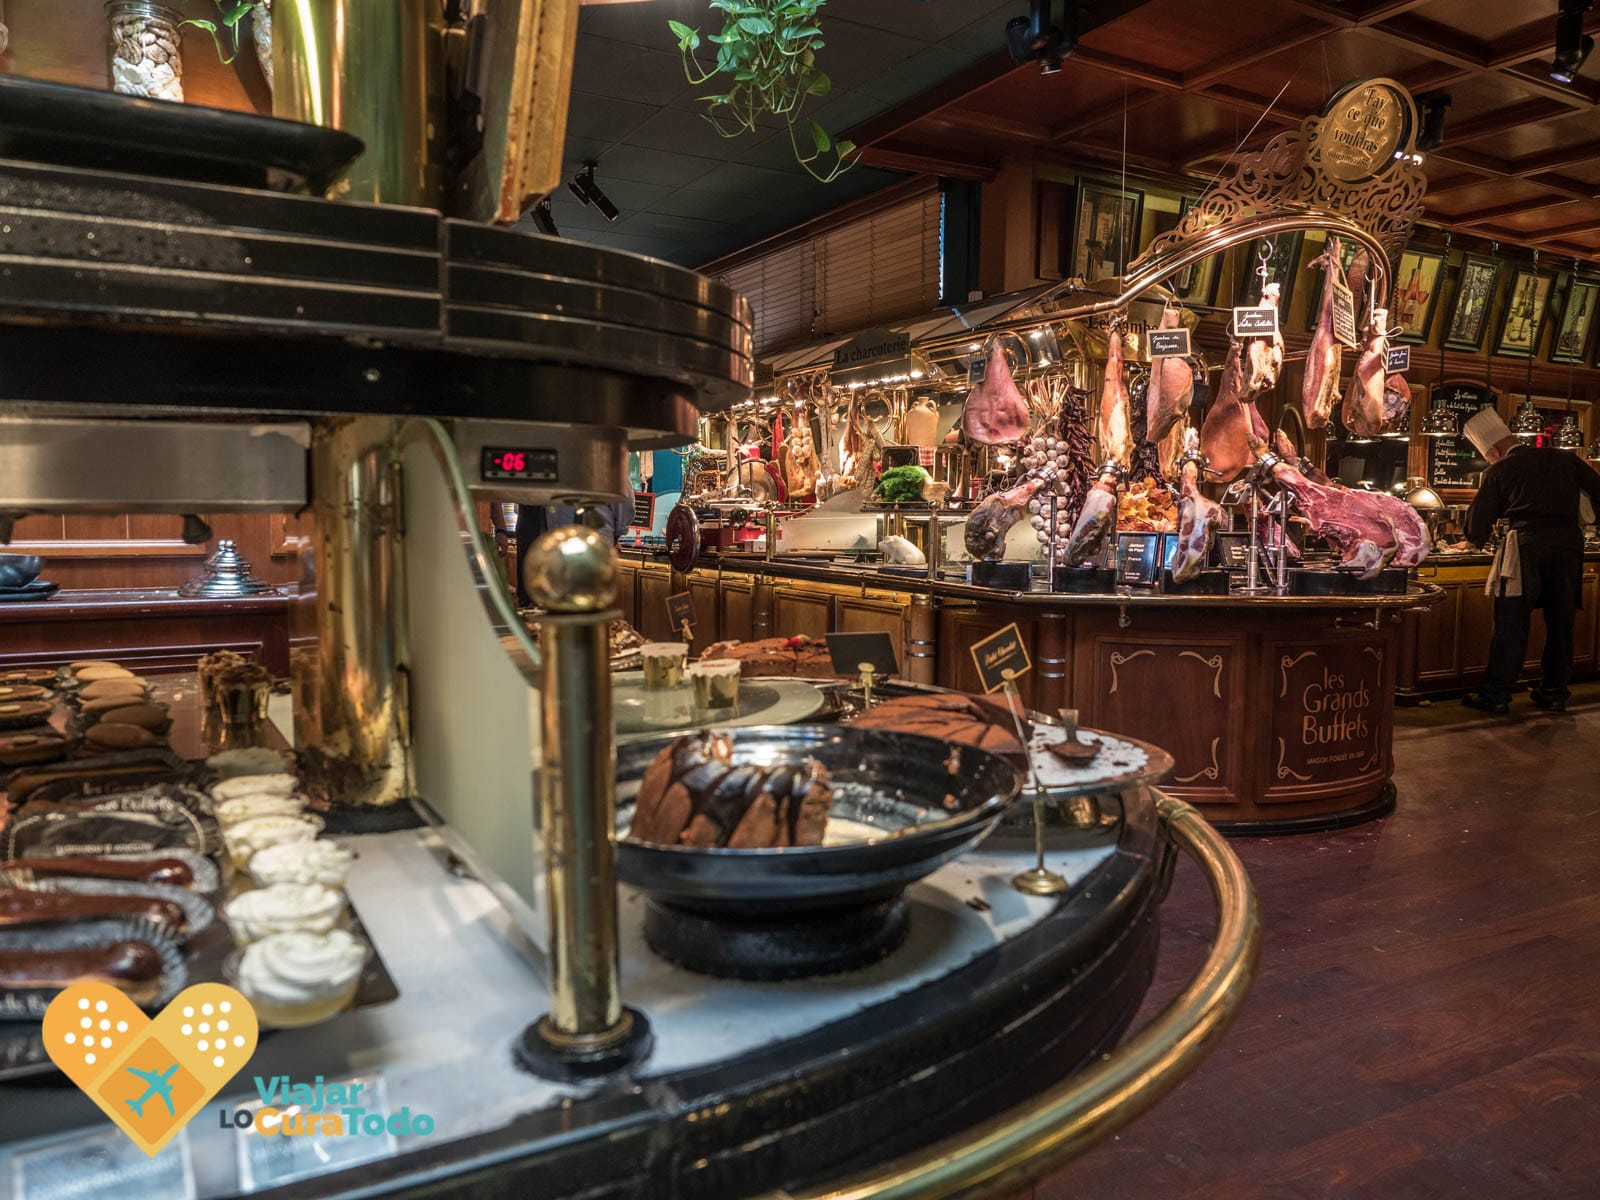 Les Grands Buffets, una gran experiencia gastronómica